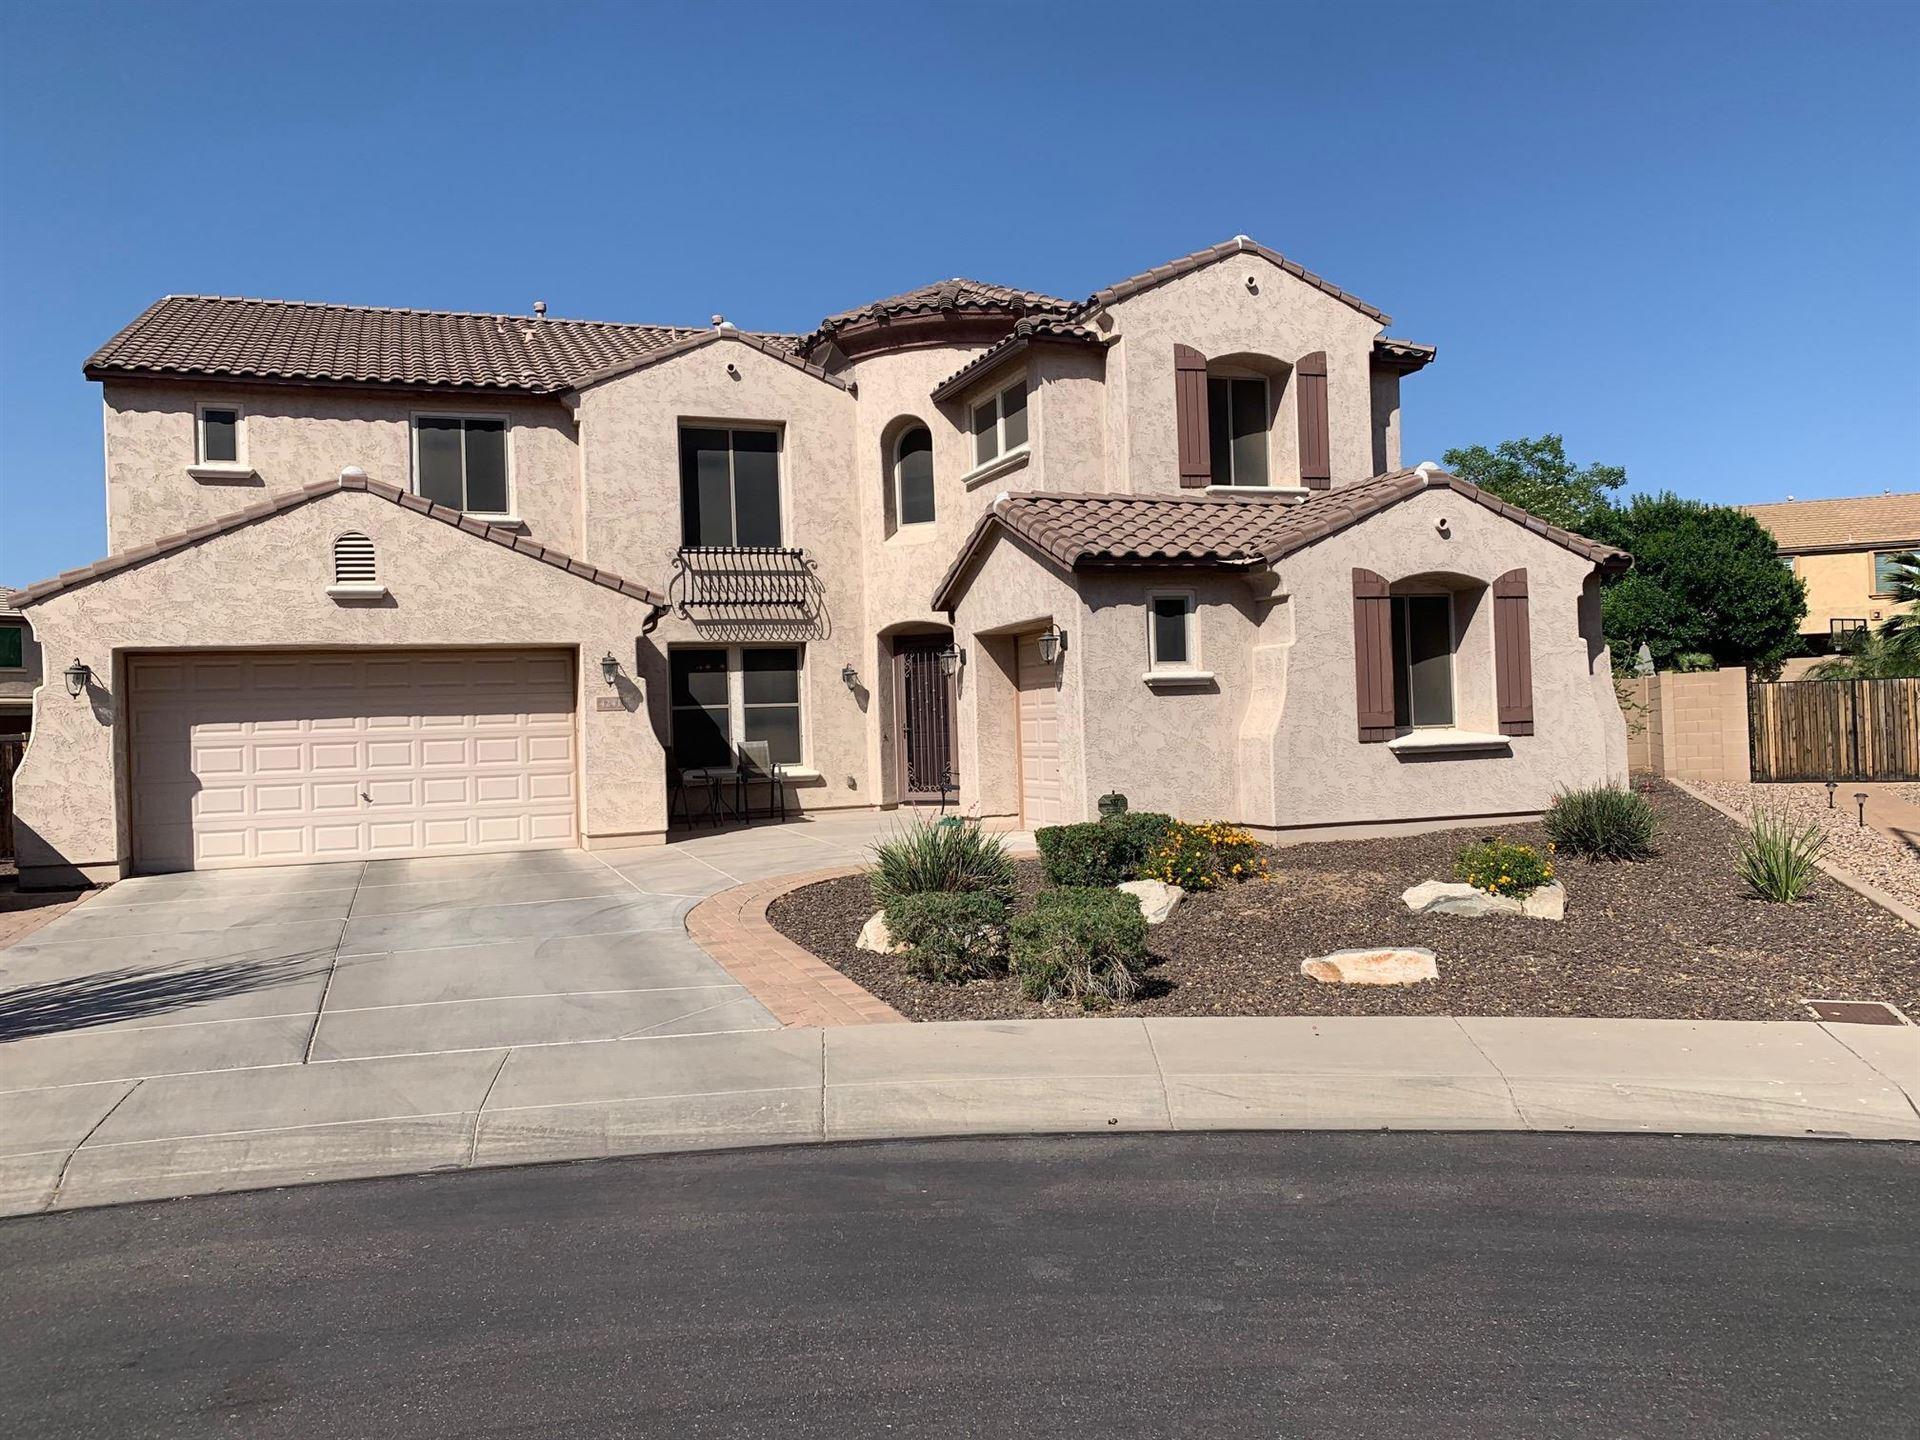 4241 S DANTE Circle, Mesa, AZ 85212 - MLS#: 6235727